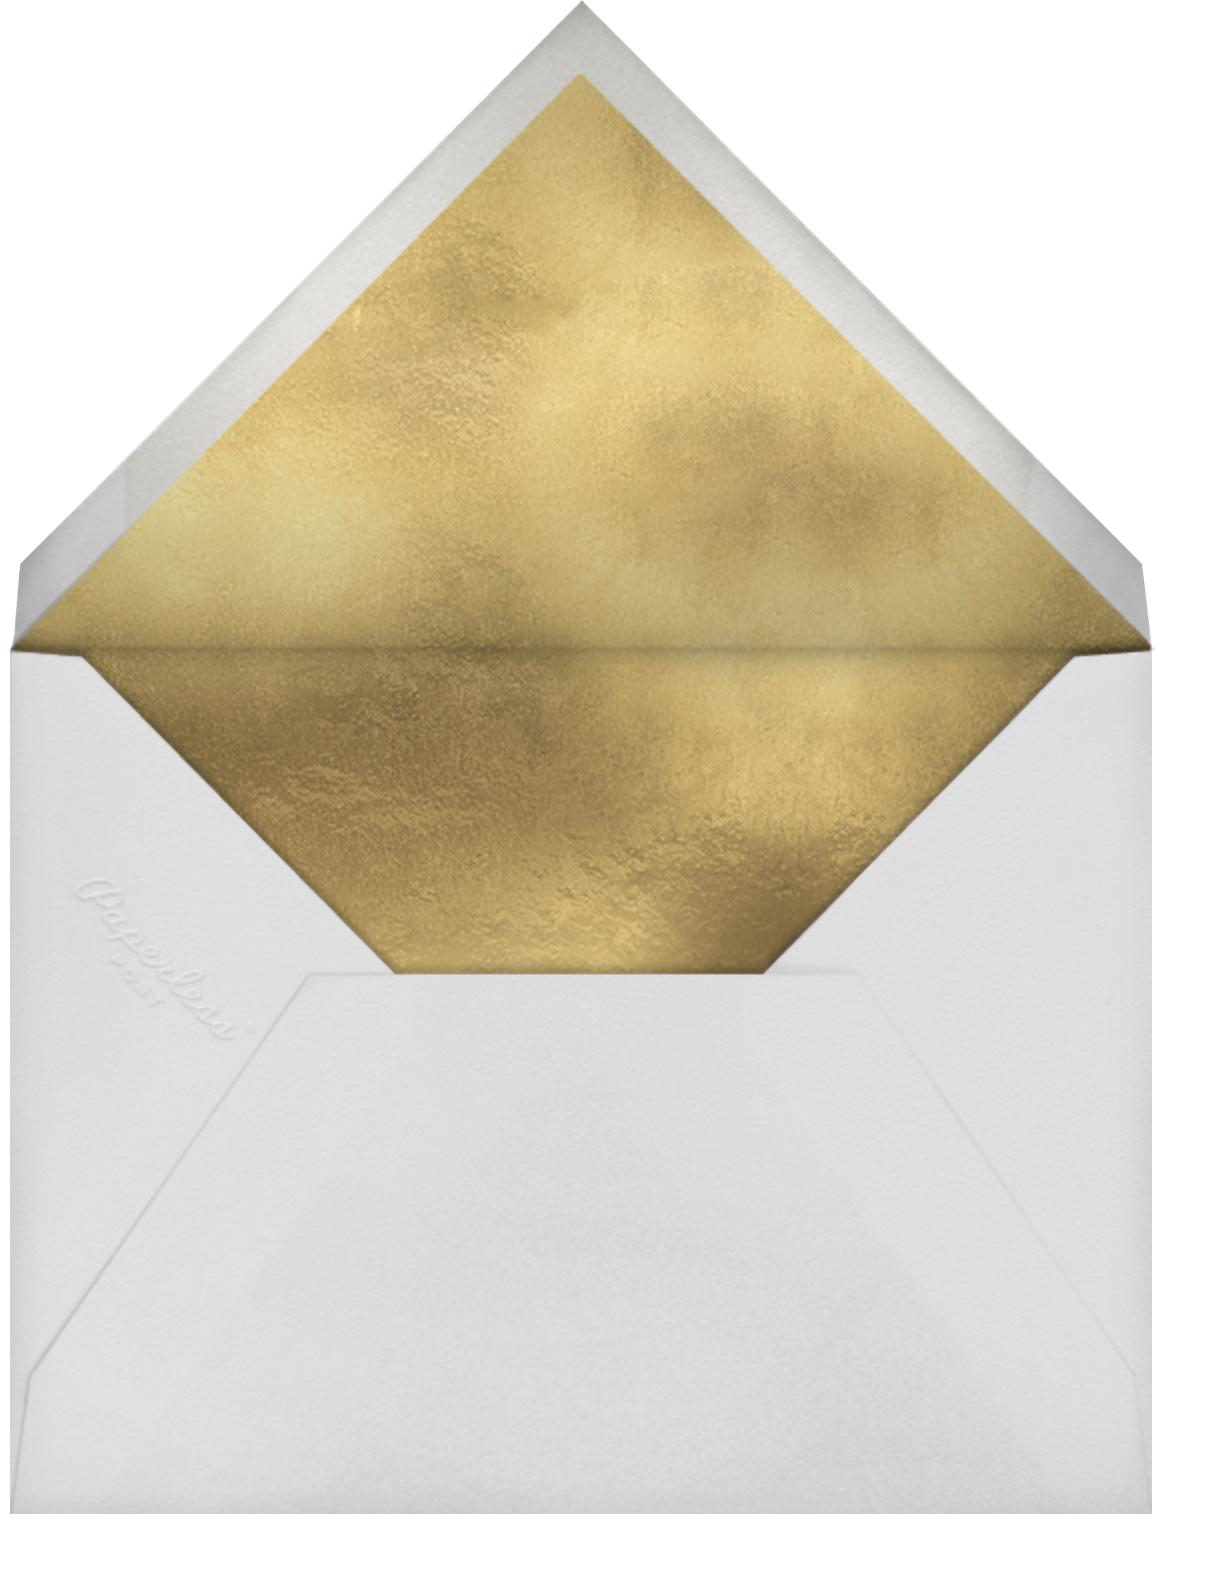 Neve - Navy - Kelly Wearstler - Adult birthday - envelope back